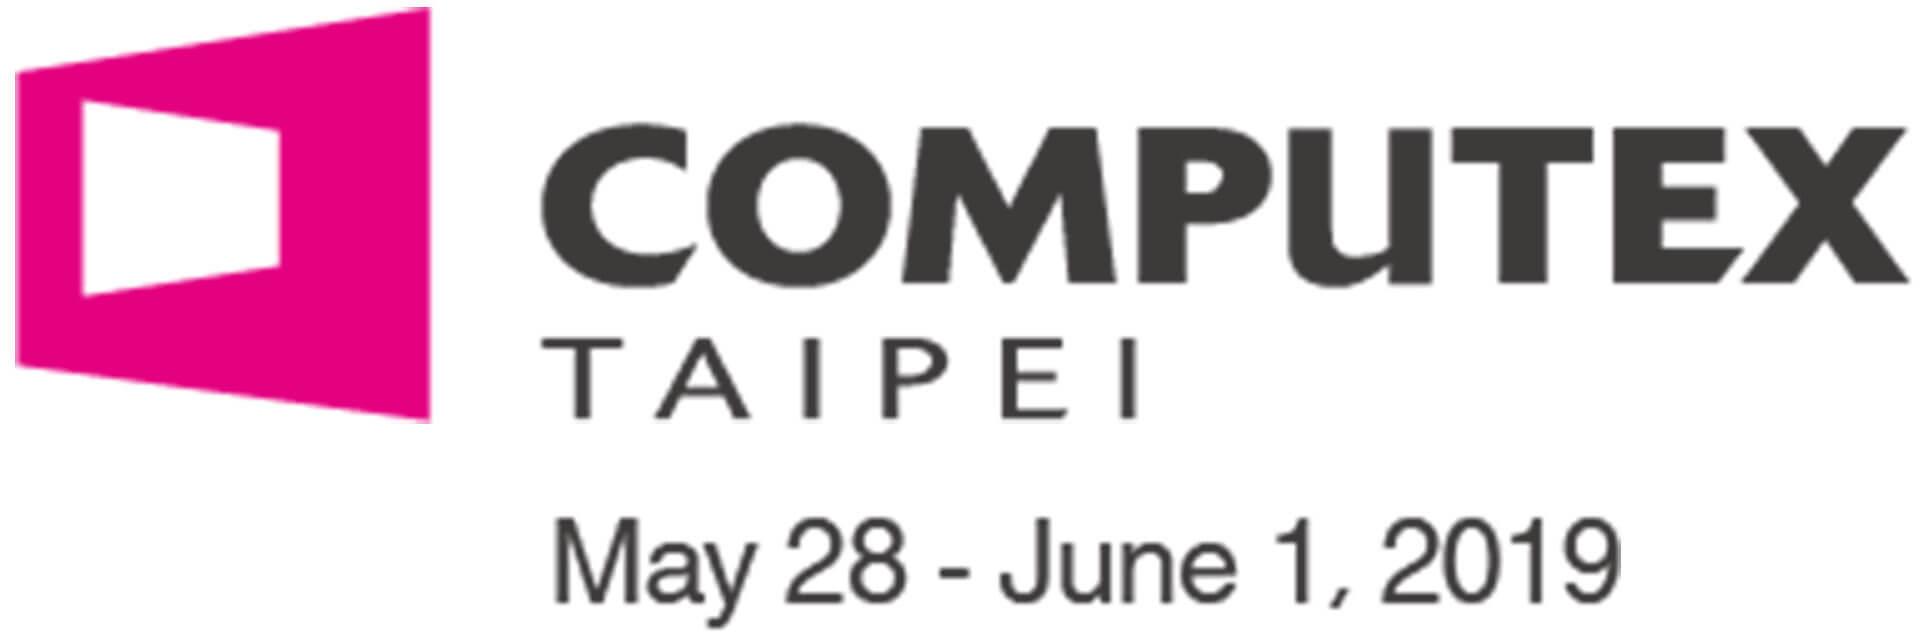 Computex-2019